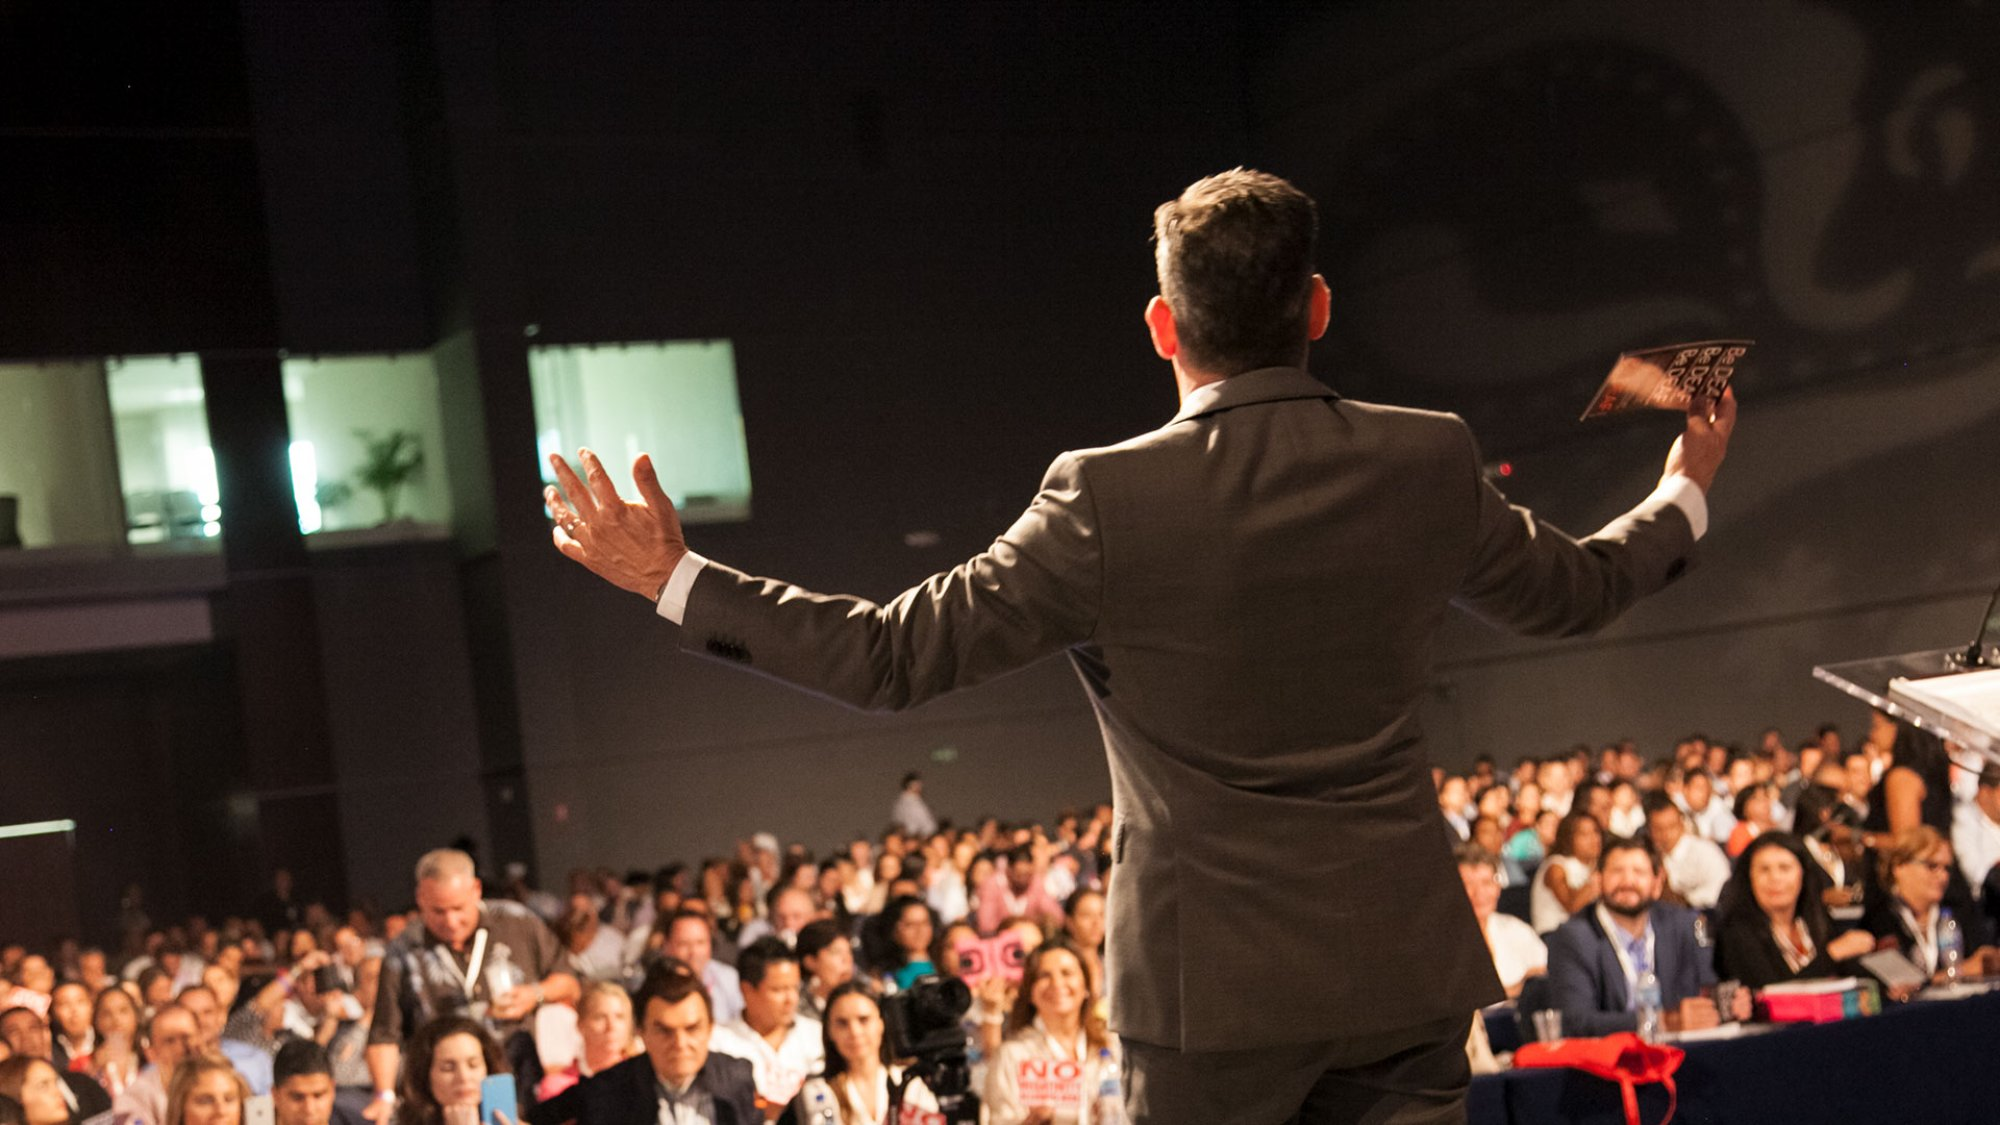 Public Speaking: come non farsi lapidare dal pubblico